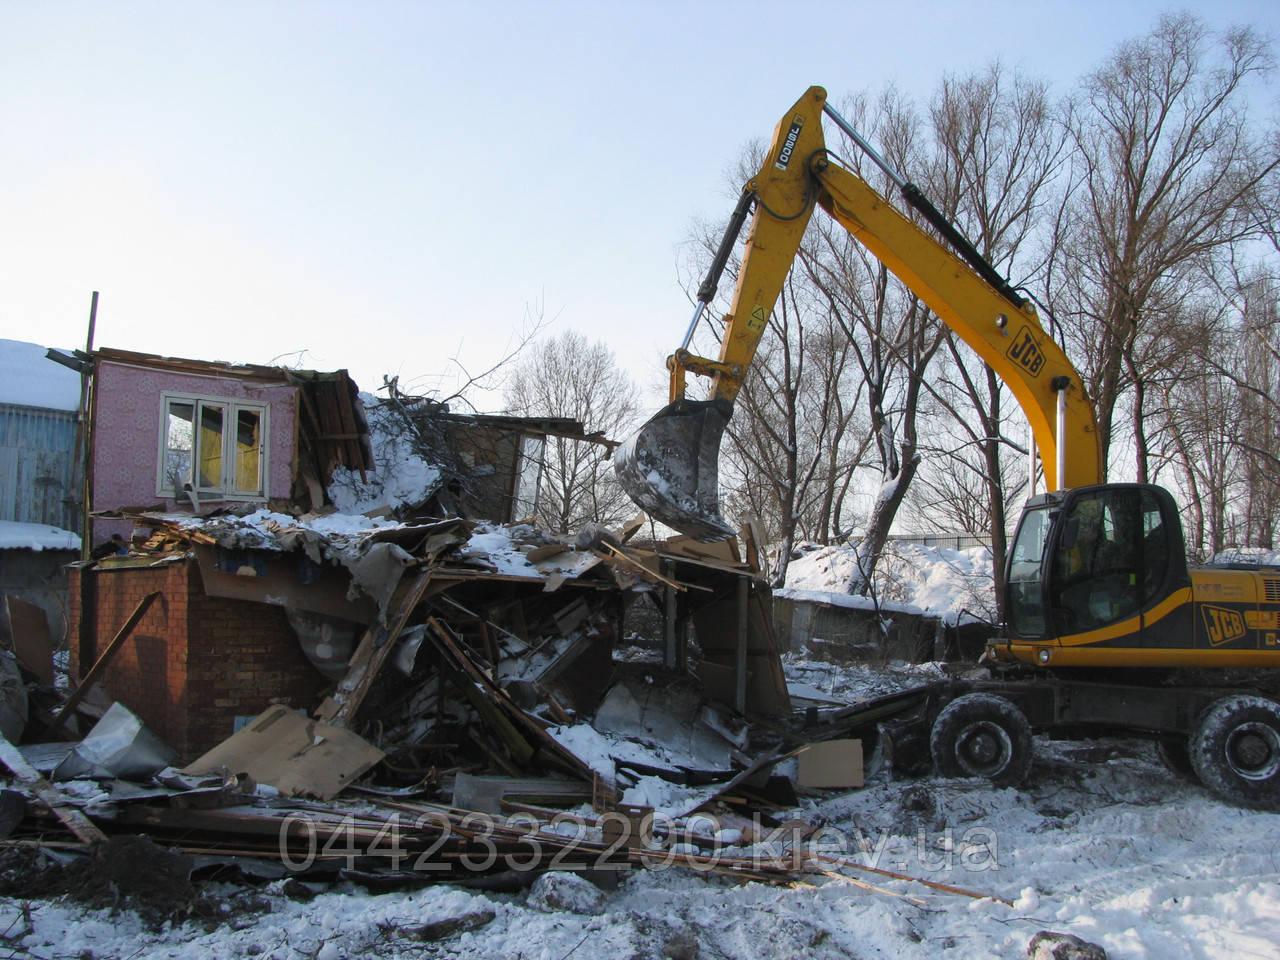 Демонтажные работы - снос домов, зданий, дач, вывоз мусора, боя